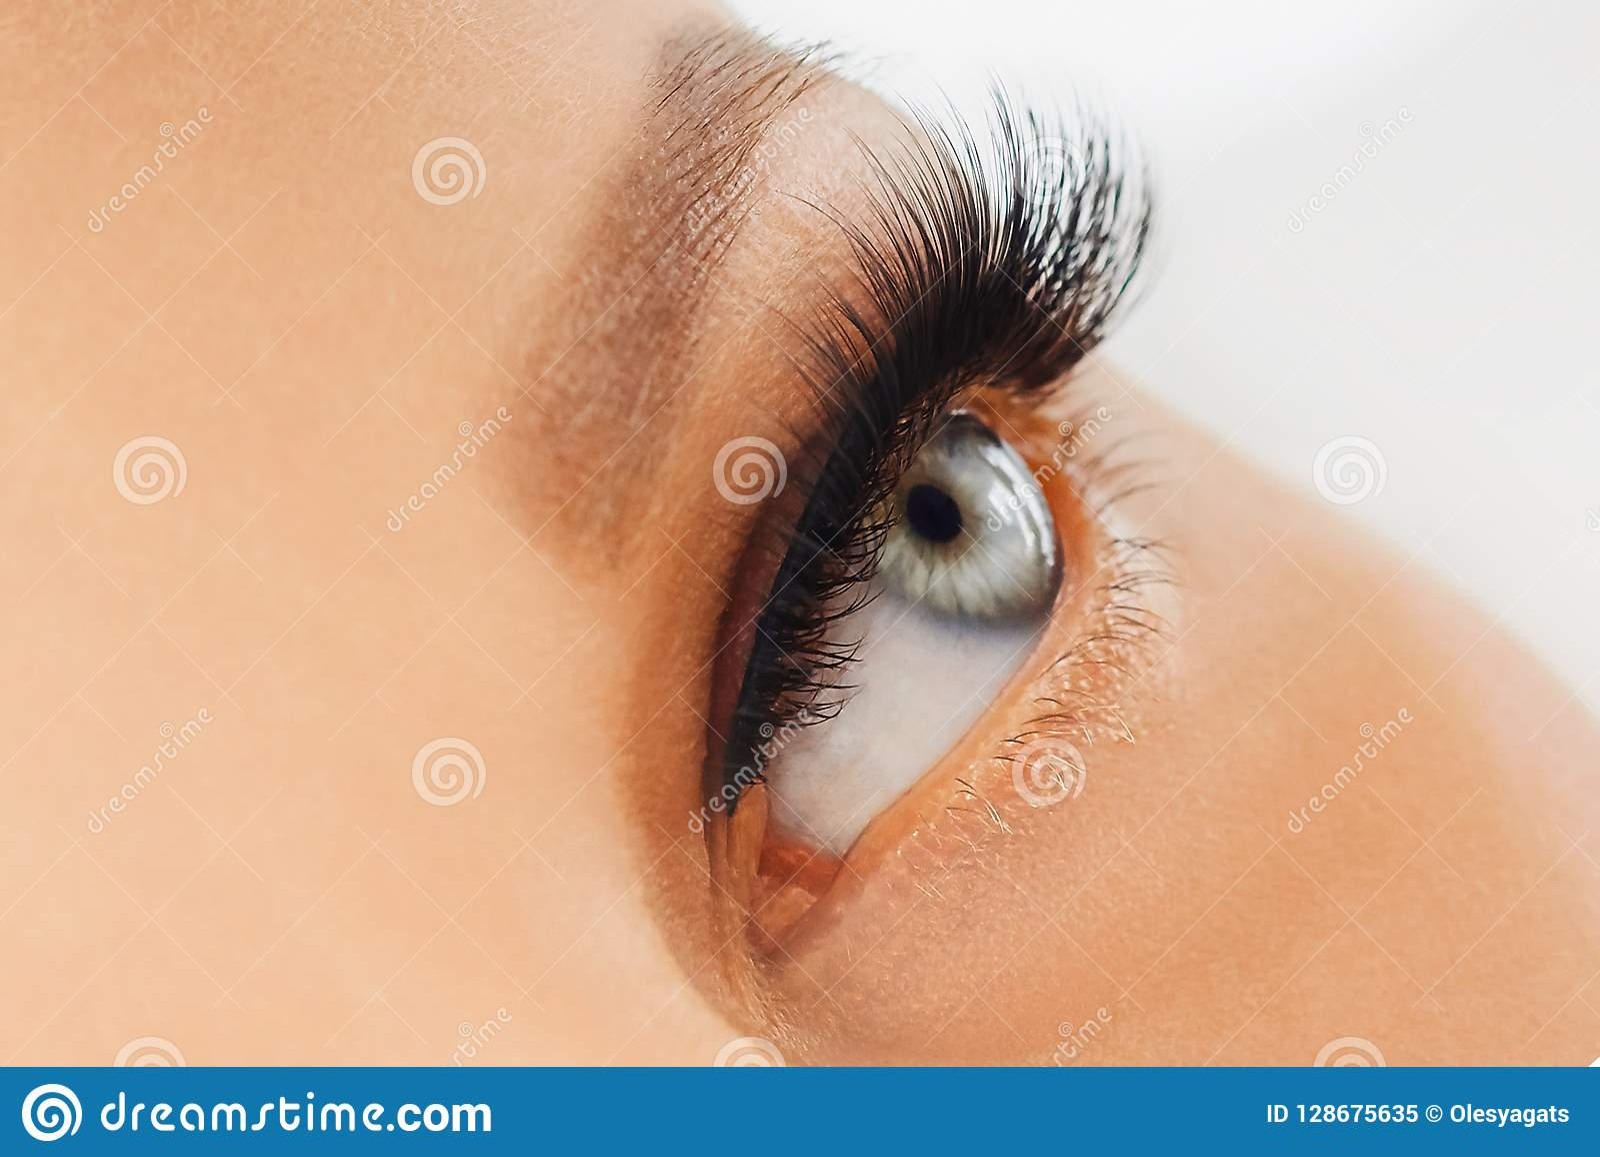 Θηλυκό μάτι με τα ακραία μακροχρόνια ψεύτικα eyelashes Επεκτάσεις Eyelash, σύνθεση, καλλυντικά, ομορφιά